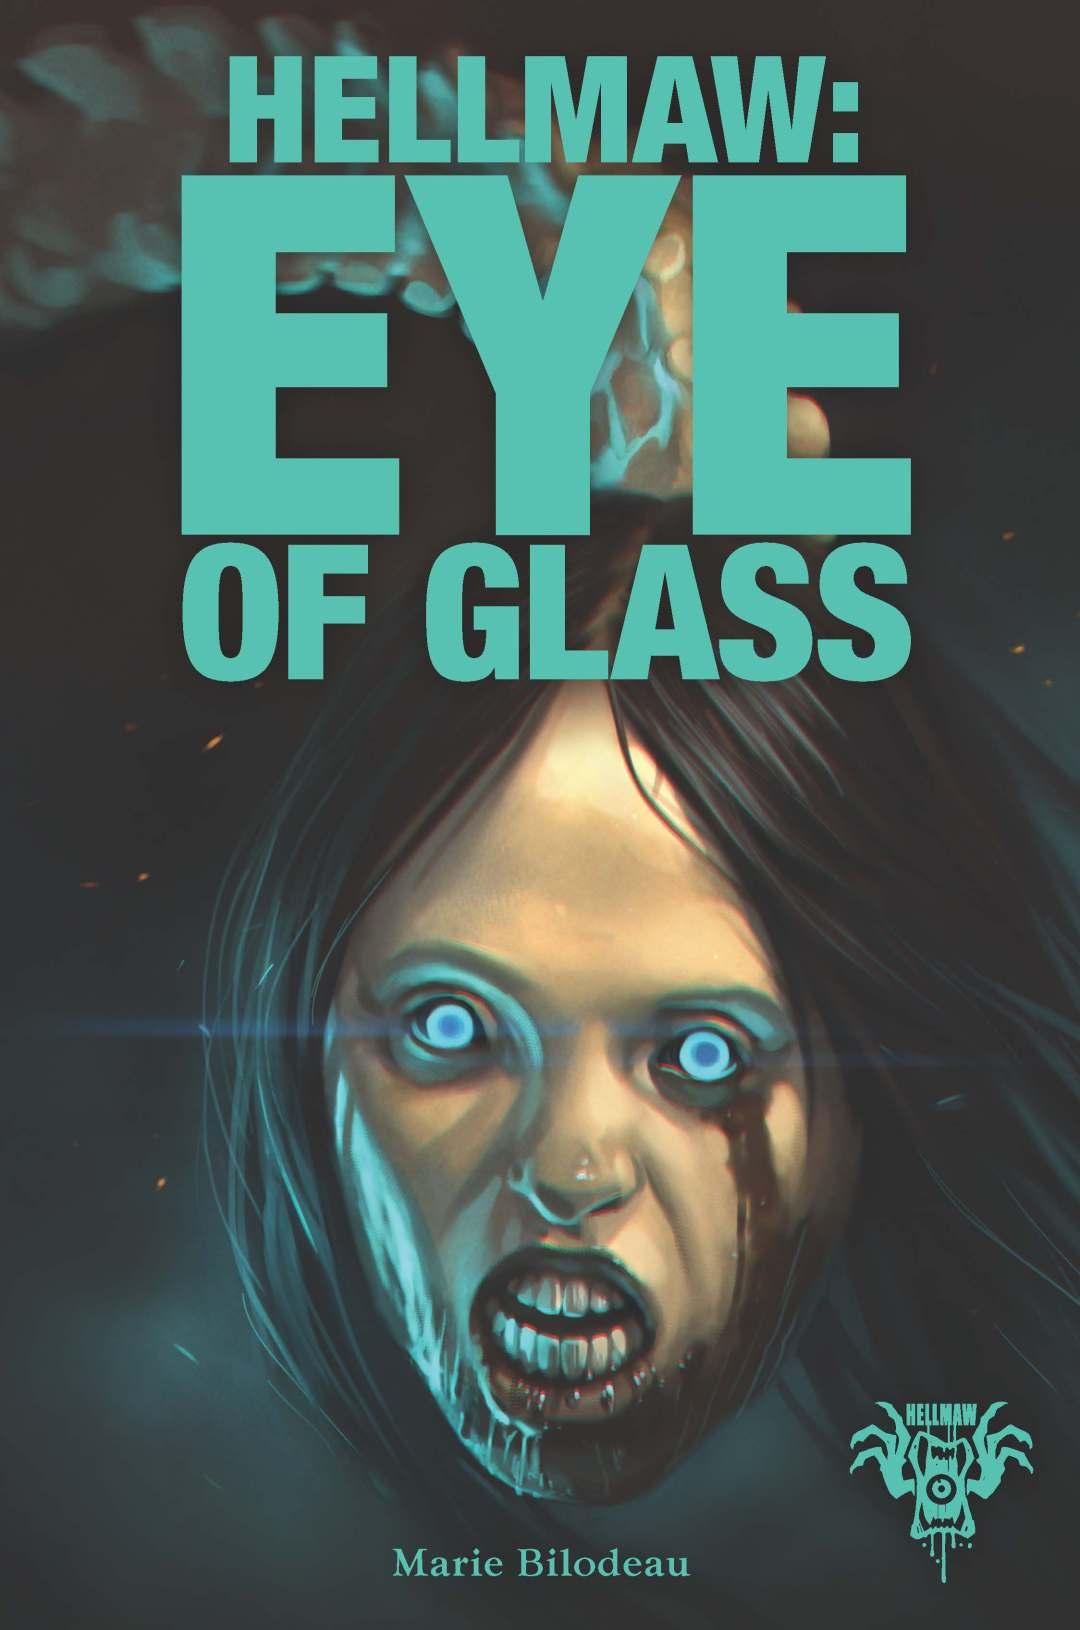 Hellmaw: Eye of Glass